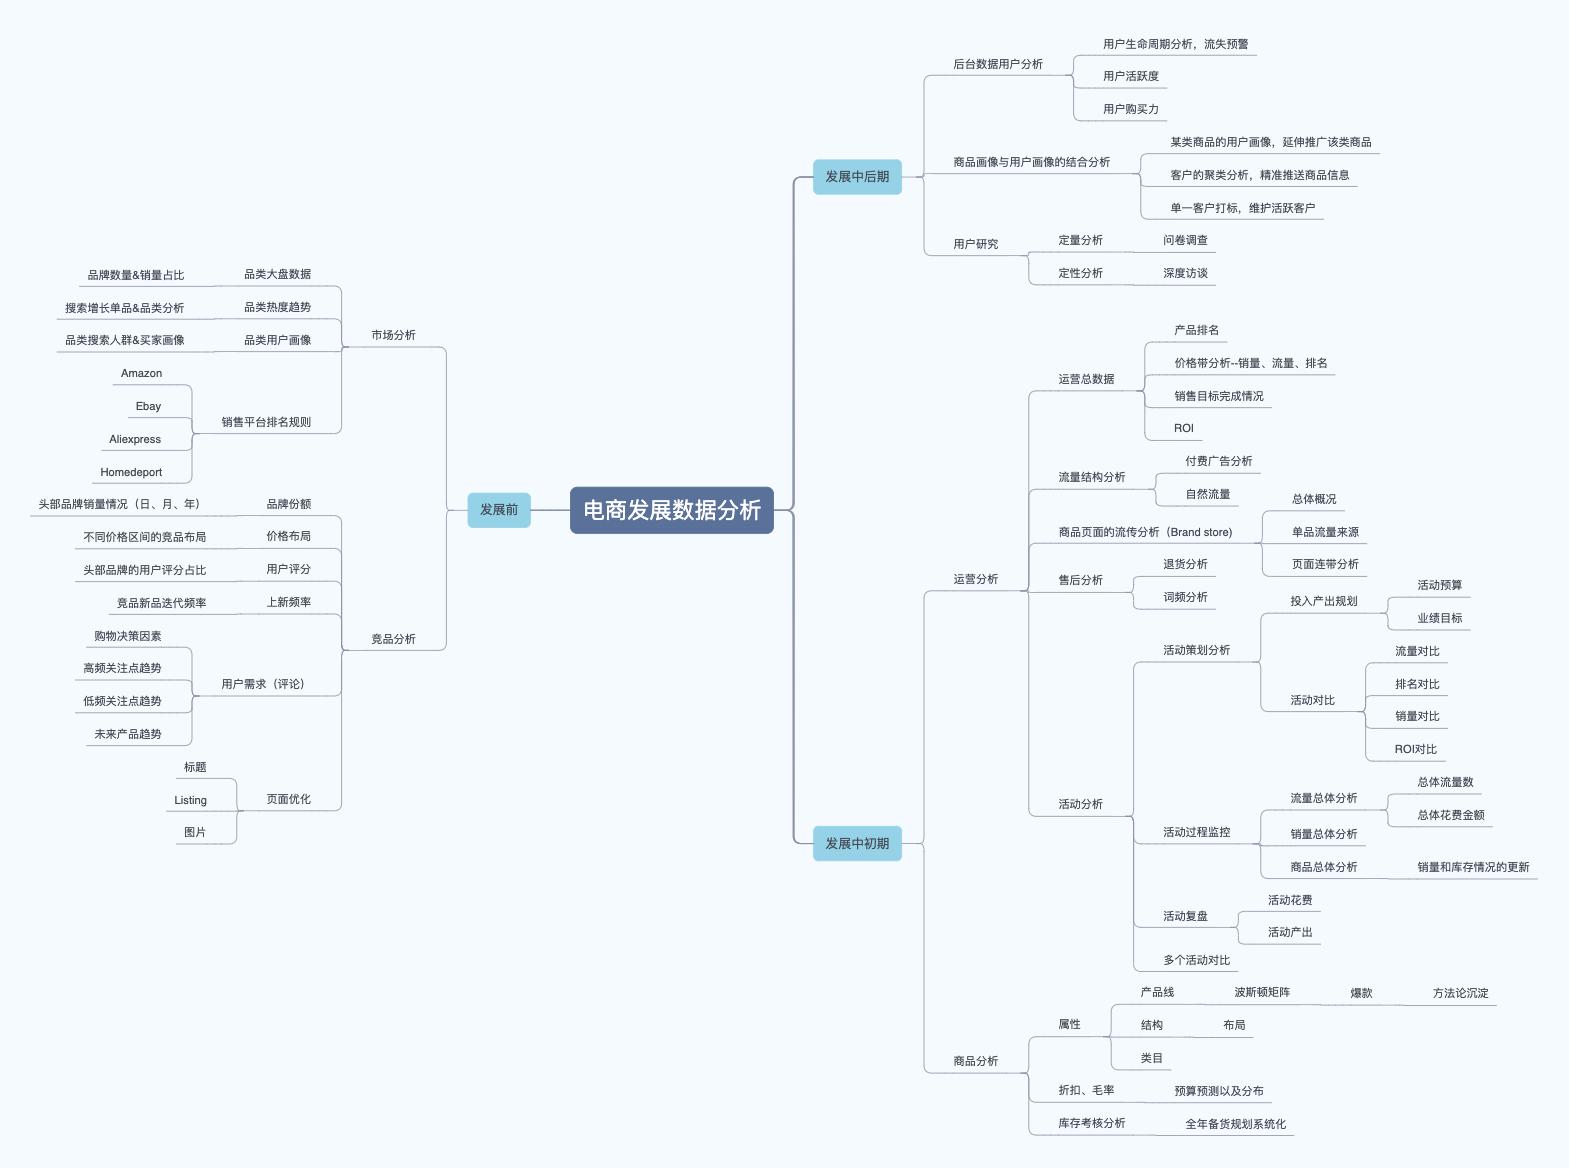 亚马逊 独立站 电商发展分析阶段